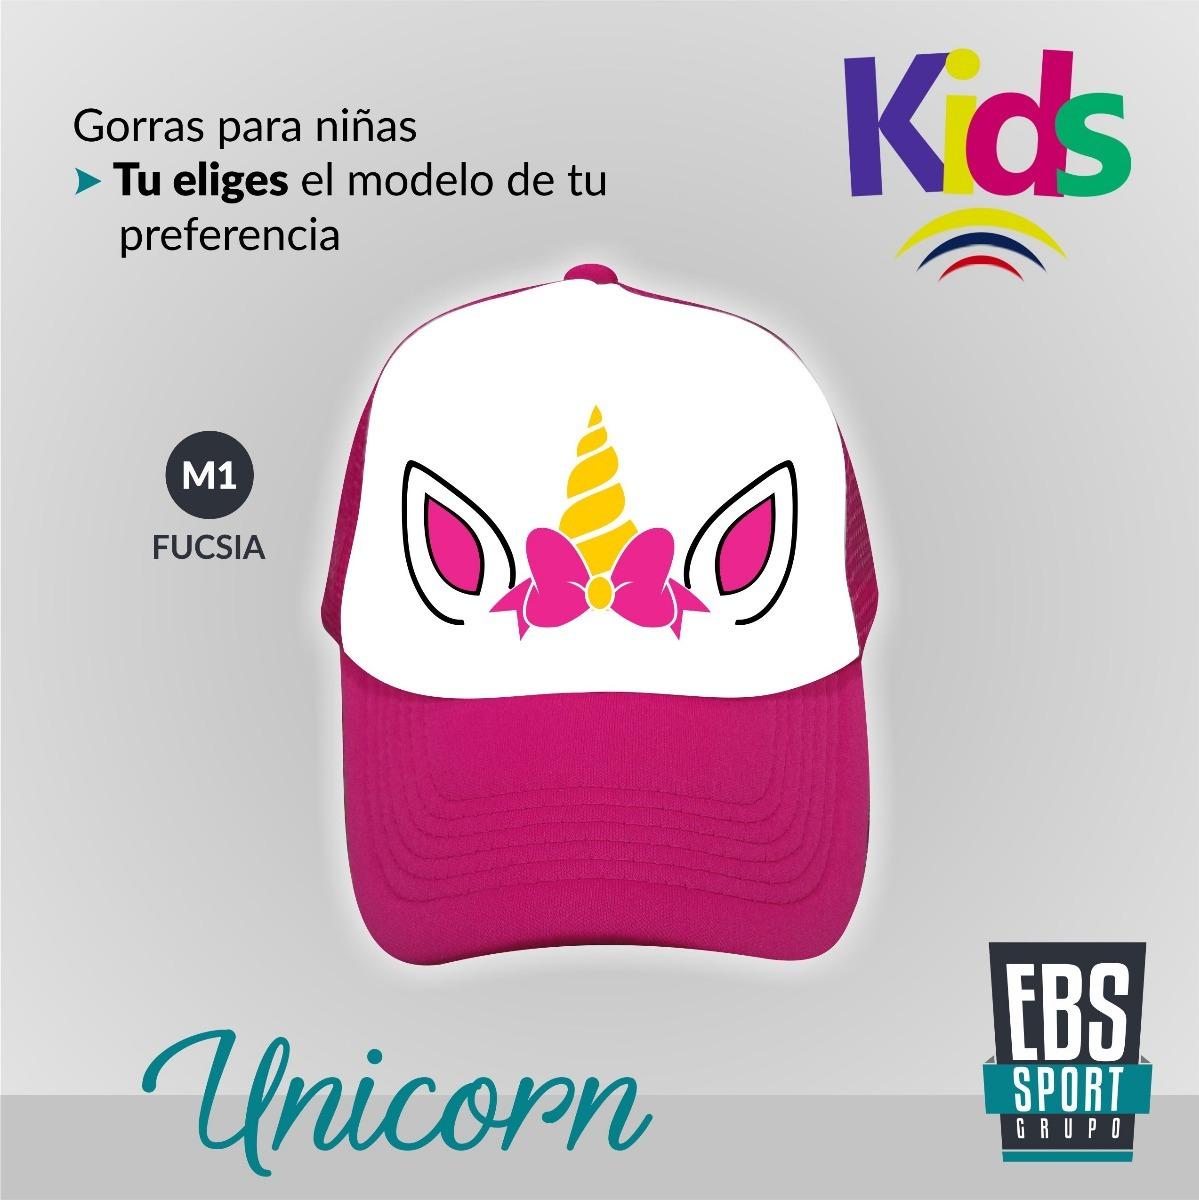 Gorra Para Niñas De Unicornio Unicorn Ajustables -   13.500 en ... 8e3a6ded6e7